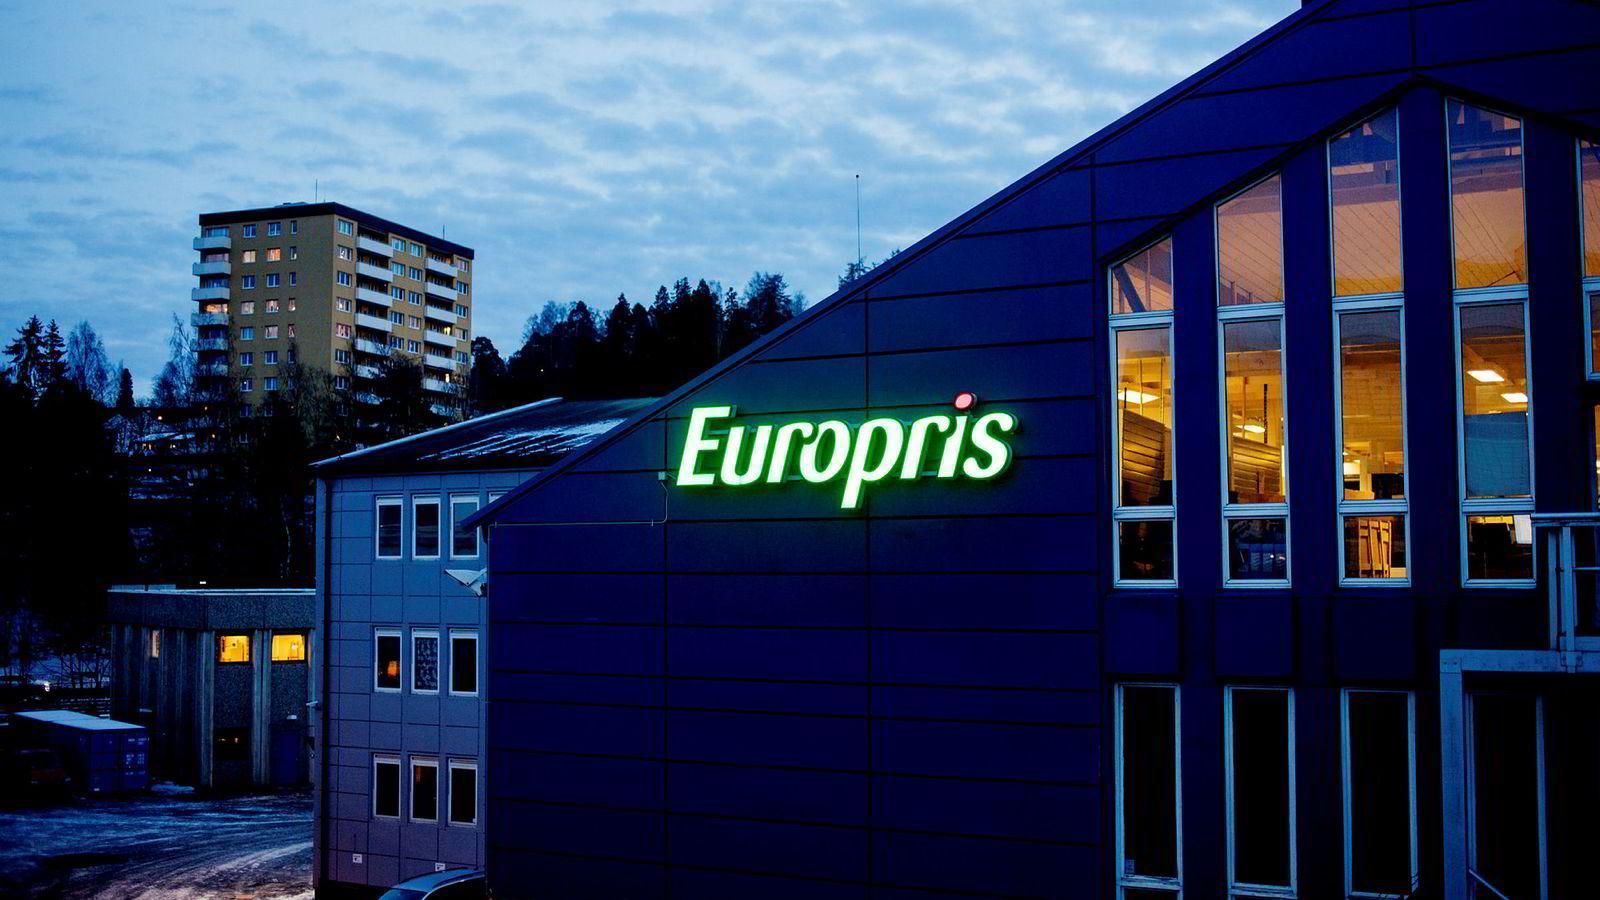 Lavpriskjeden Europris viser en fin utvikling innenfor en stigende trend. Aksjen ga kjøpssignal fra en liten formasjon i midten av juni, og videre oppgang indikeres.